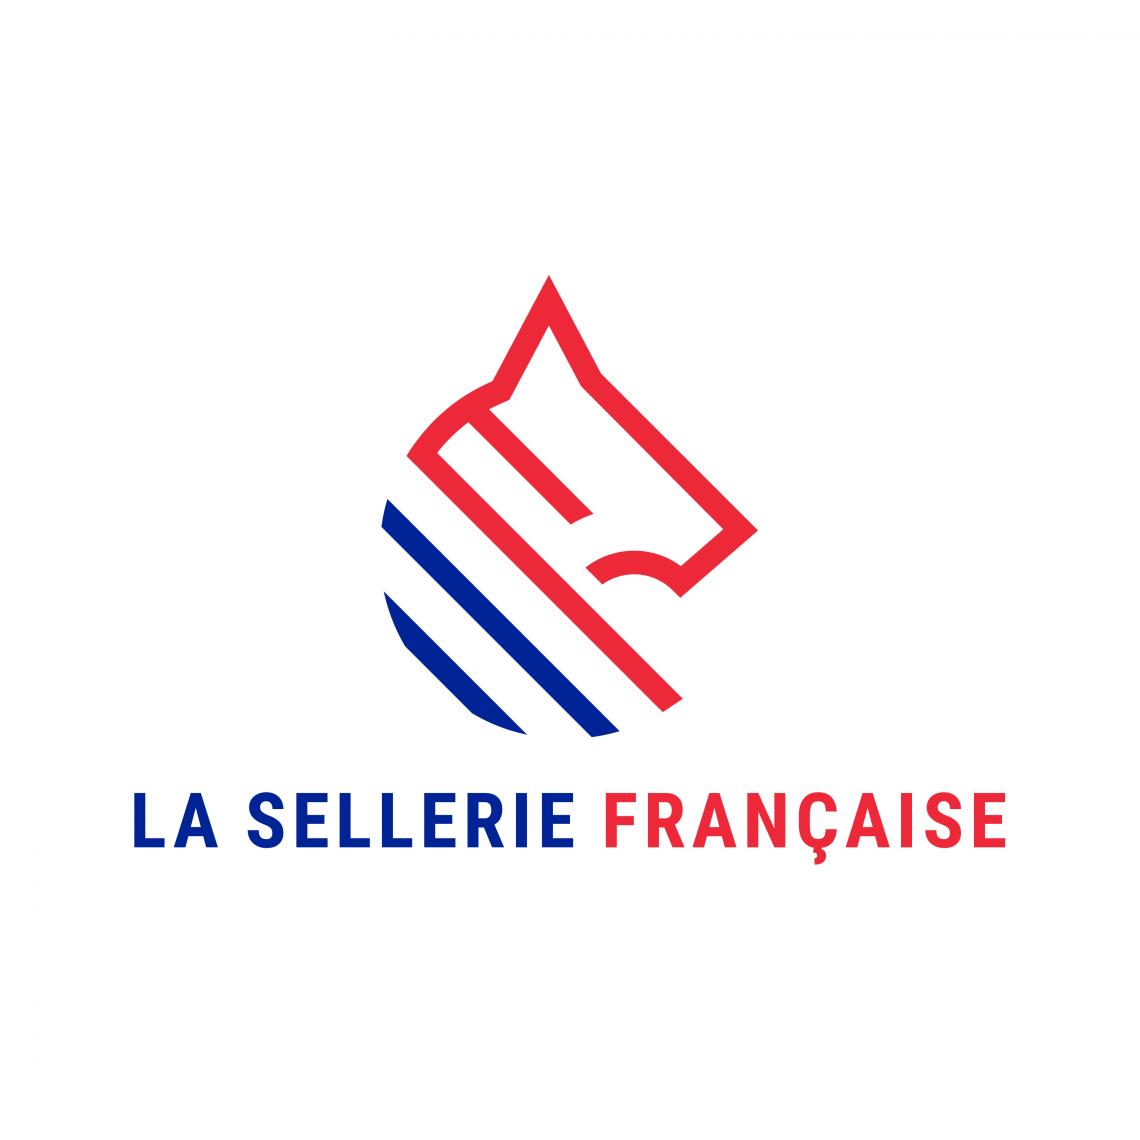 La Sellerie Française, une boutique en ligne made in France !